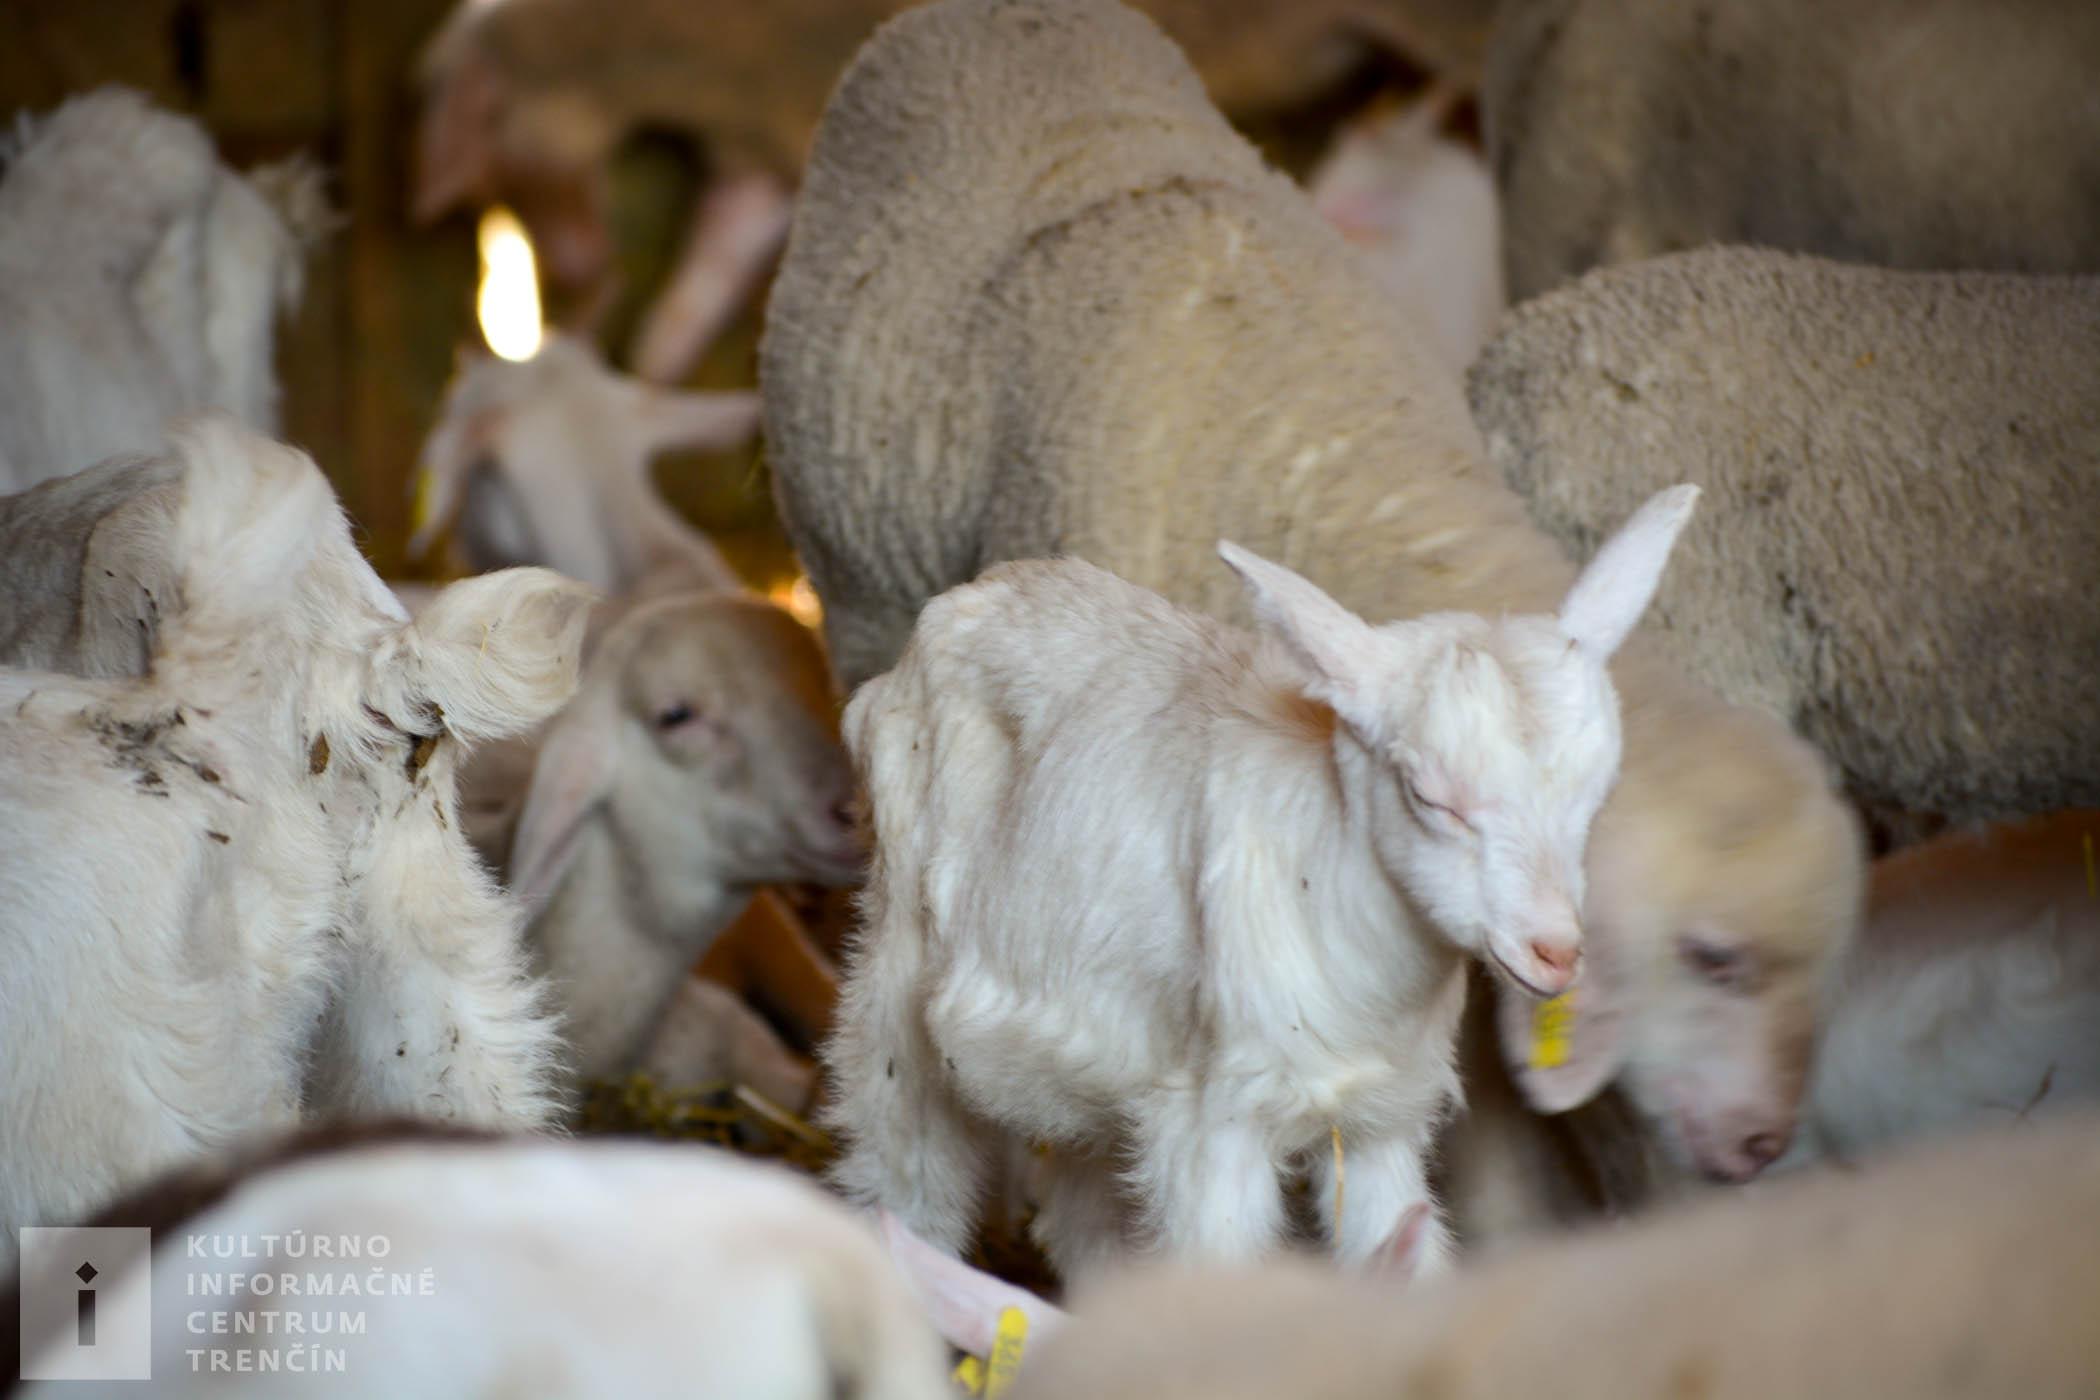 Na gazdovstve Uhliská chovajú aj kozy a ovce. Mlieko, mliečne výrobky alebo mäso si môžete vychutnať v miestnej reštaurácii alebo hostinci.